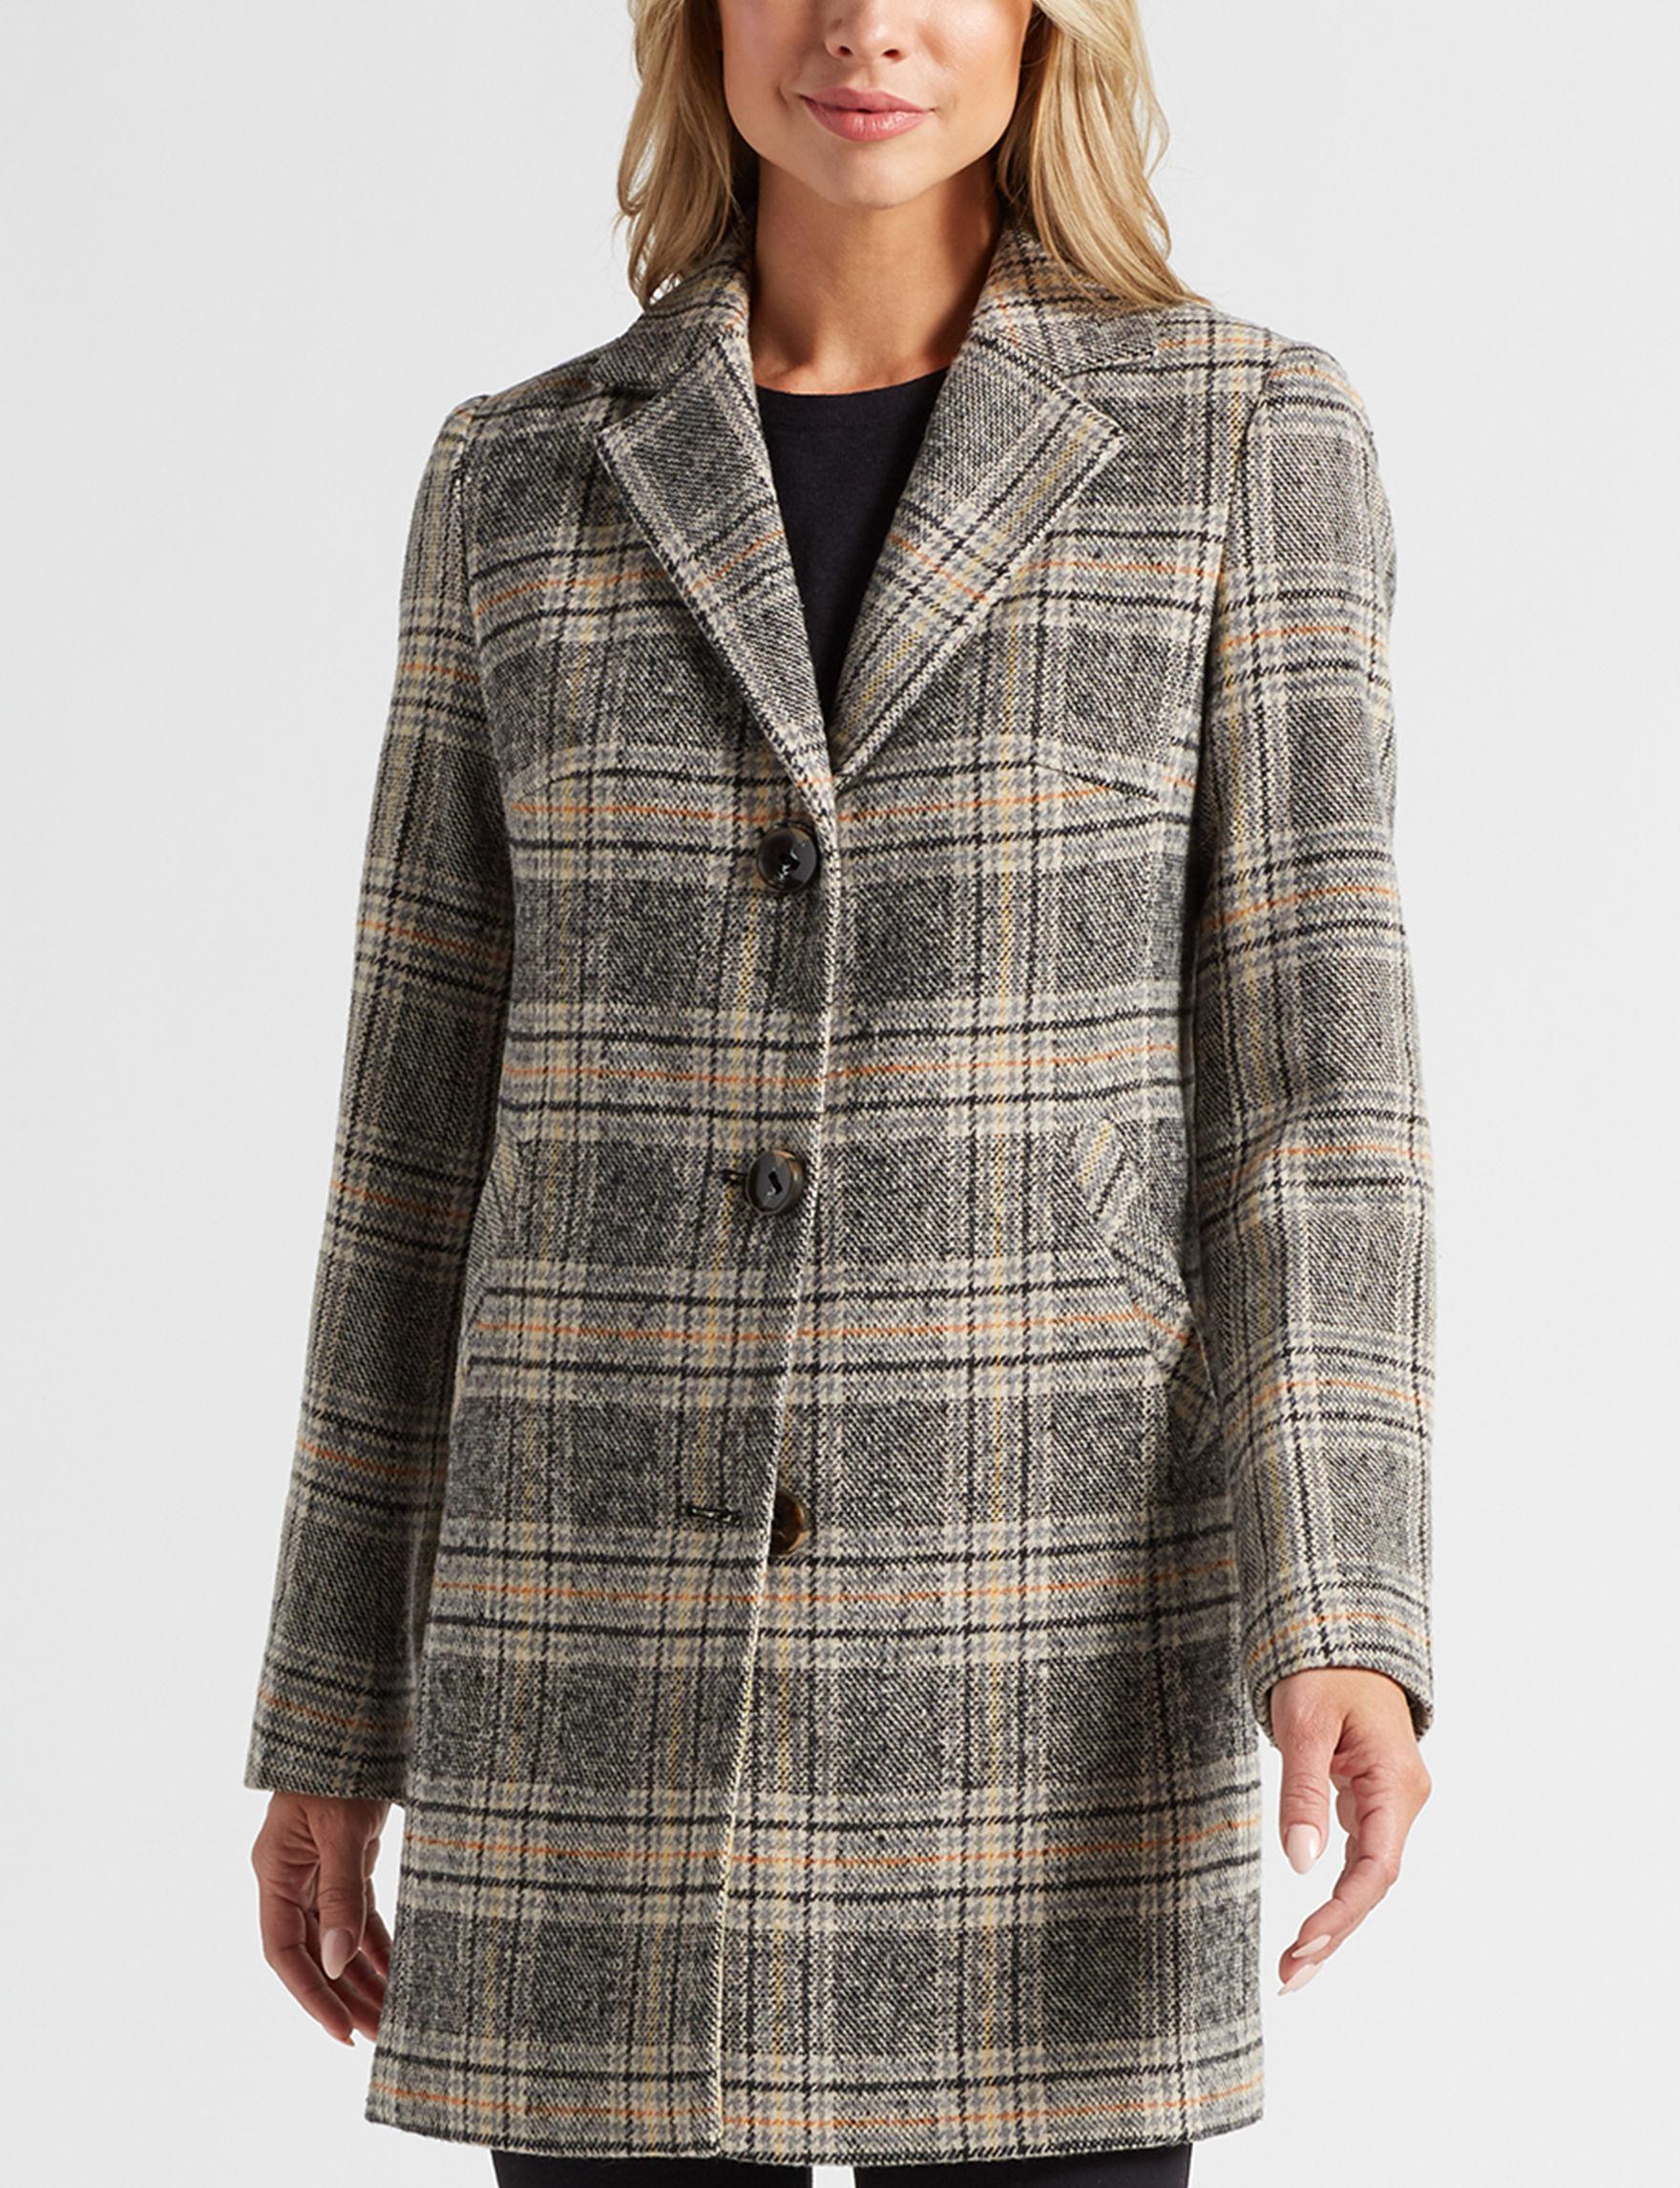 Below Zero Grey Plaid Peacoats & Overcoats